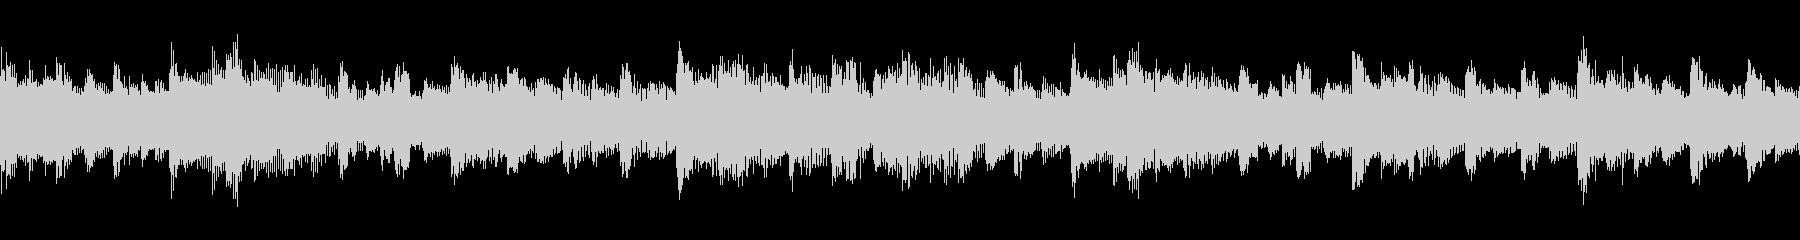 コンセプトムービー【ループ2】未来のCMの未再生の波形